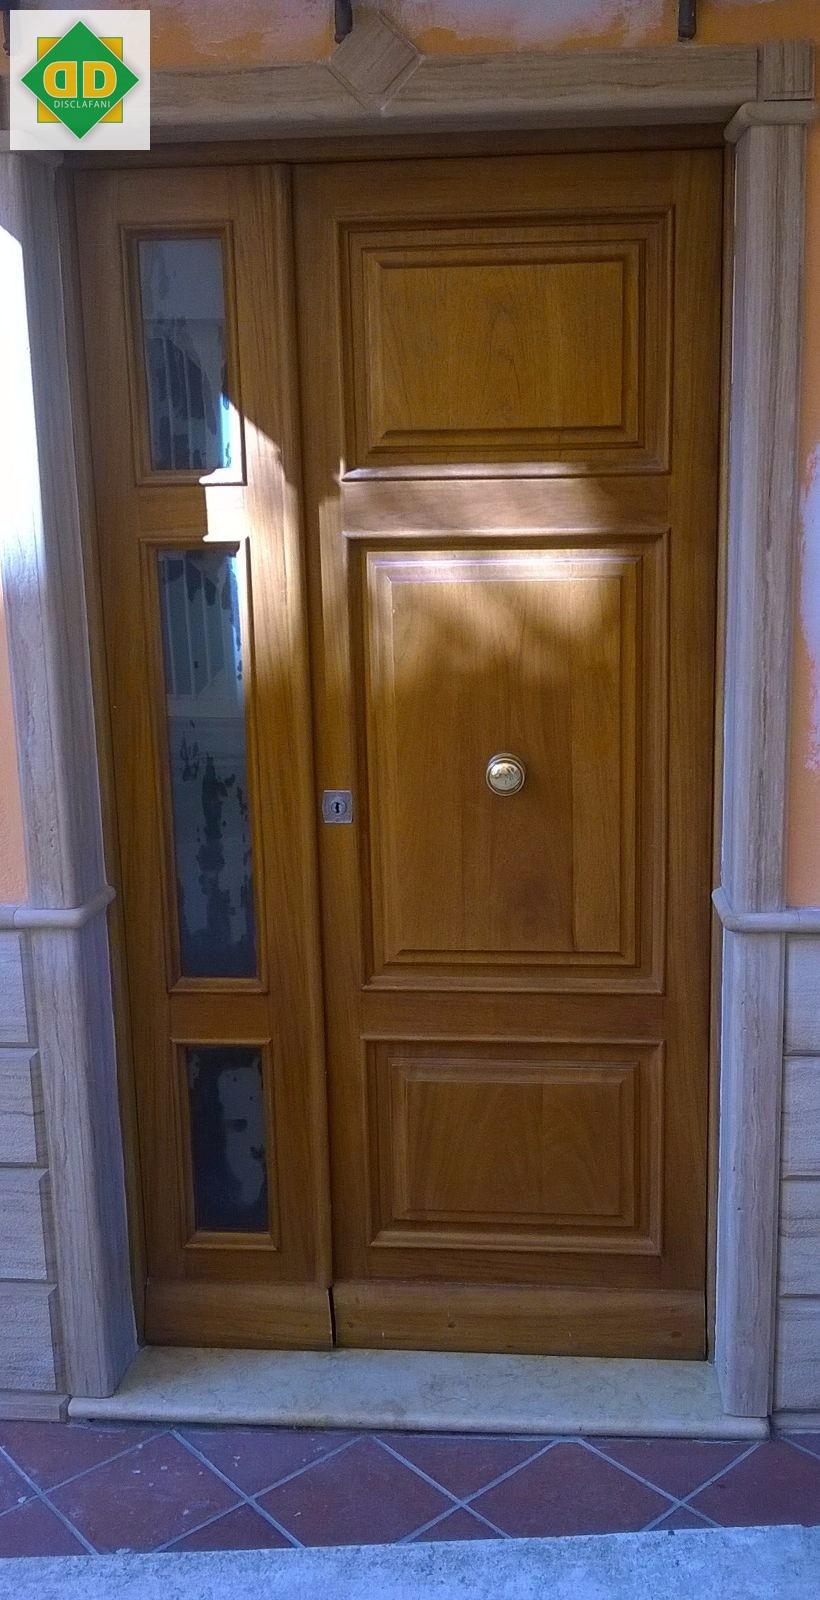 Falegnameria disclafani infissi interni ed esterni arredo for Arredo sacro